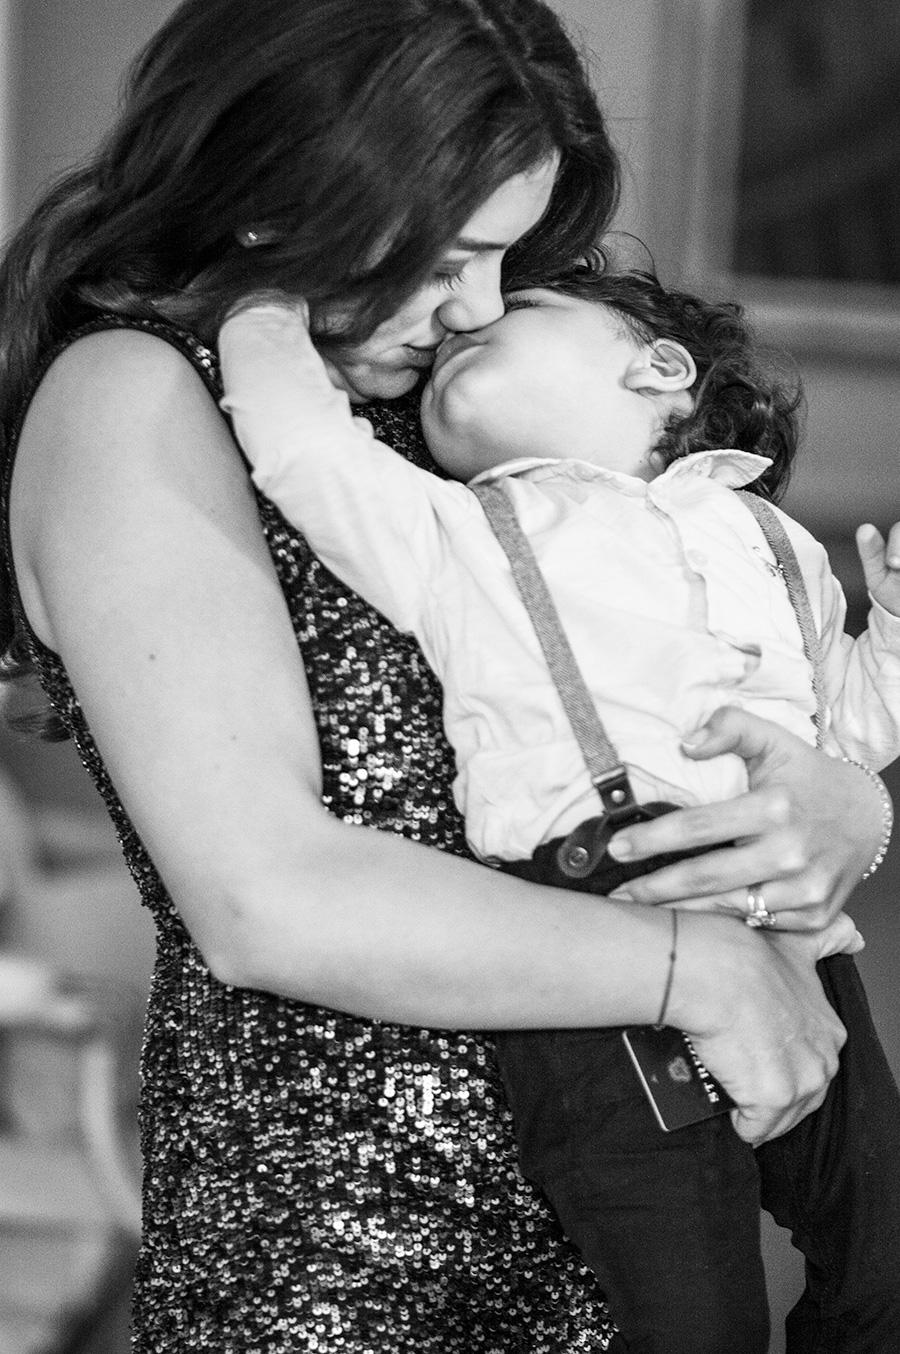 l'amore della sorella della sposa per suo figlio prima della celebrazione del matrimonio a roma per questi sposi turchi